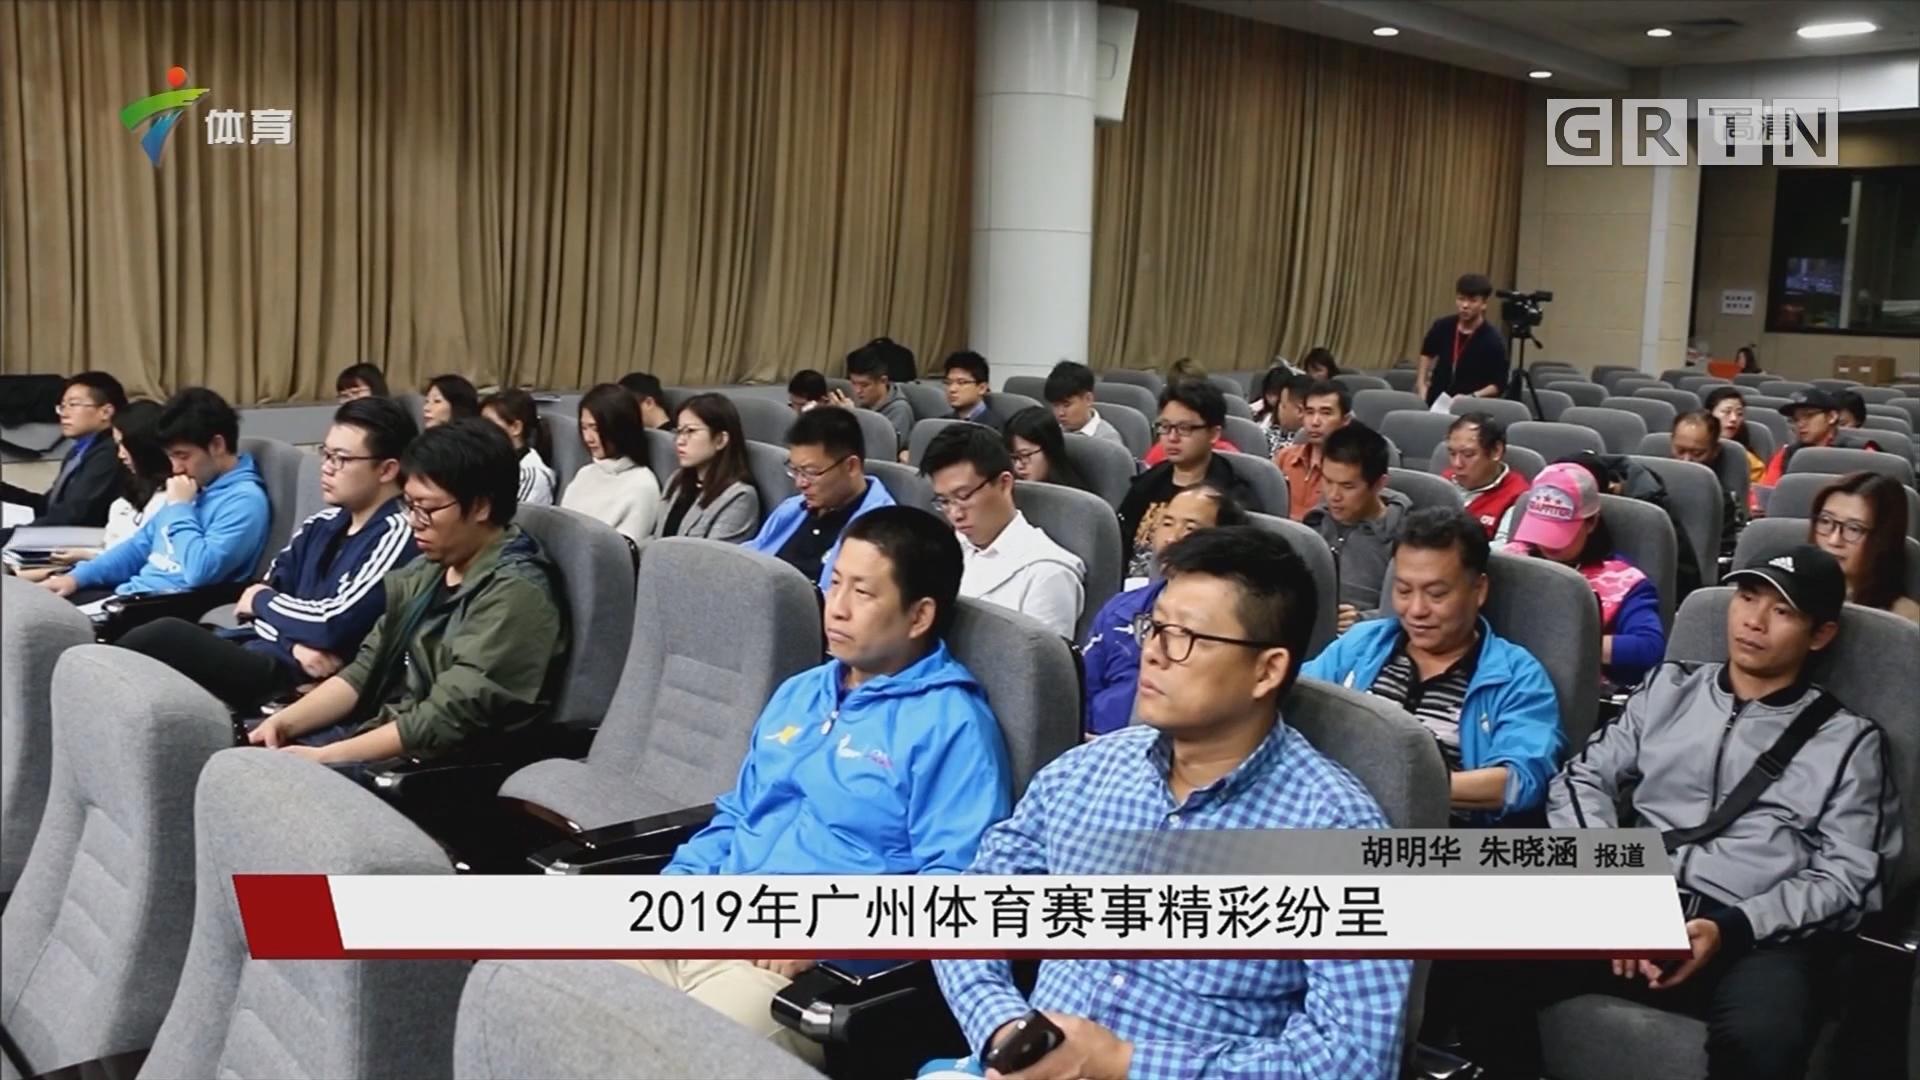 2019年广州体育赛事精彩纷呈